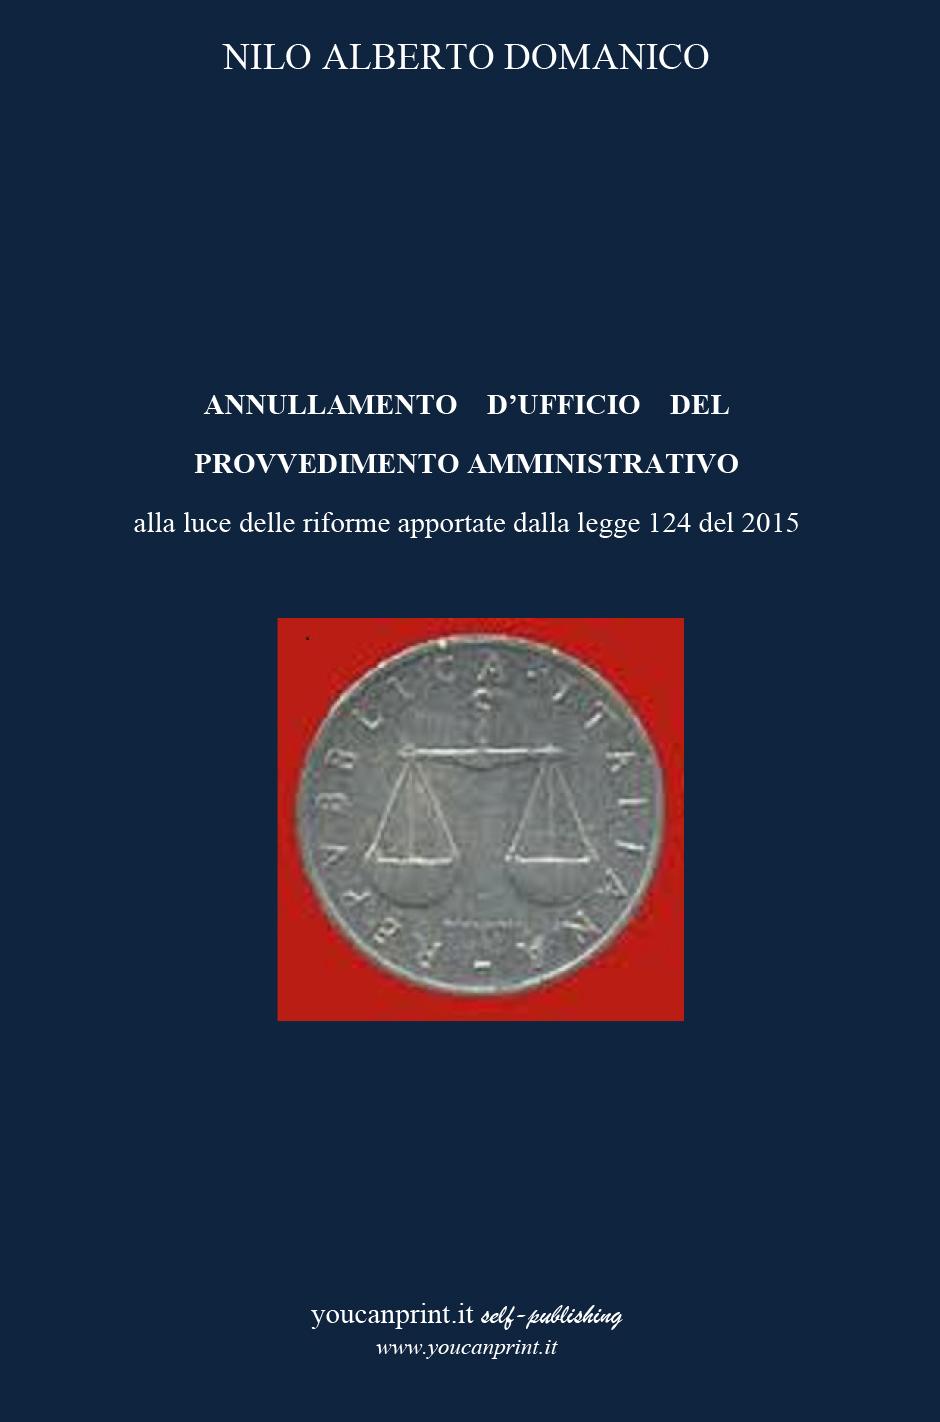 Annullamento d'ufficio del provvedimento amministrativo alla luce delle riforme apportate dalla legge 124 del 2015